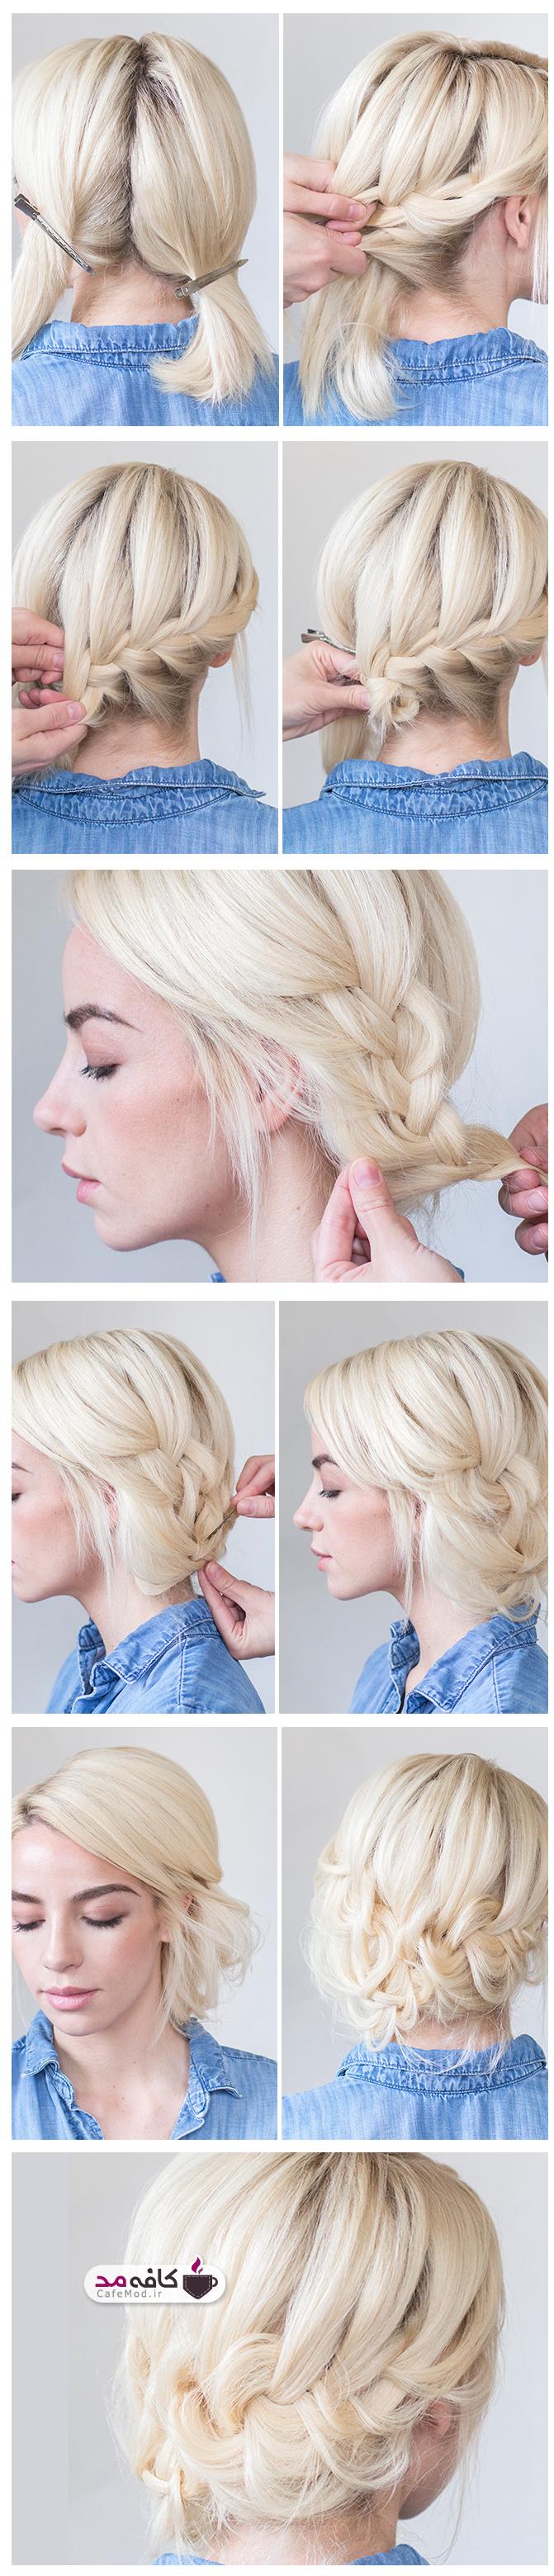 آموزش بافت موی زیبا مناسب مهمانی